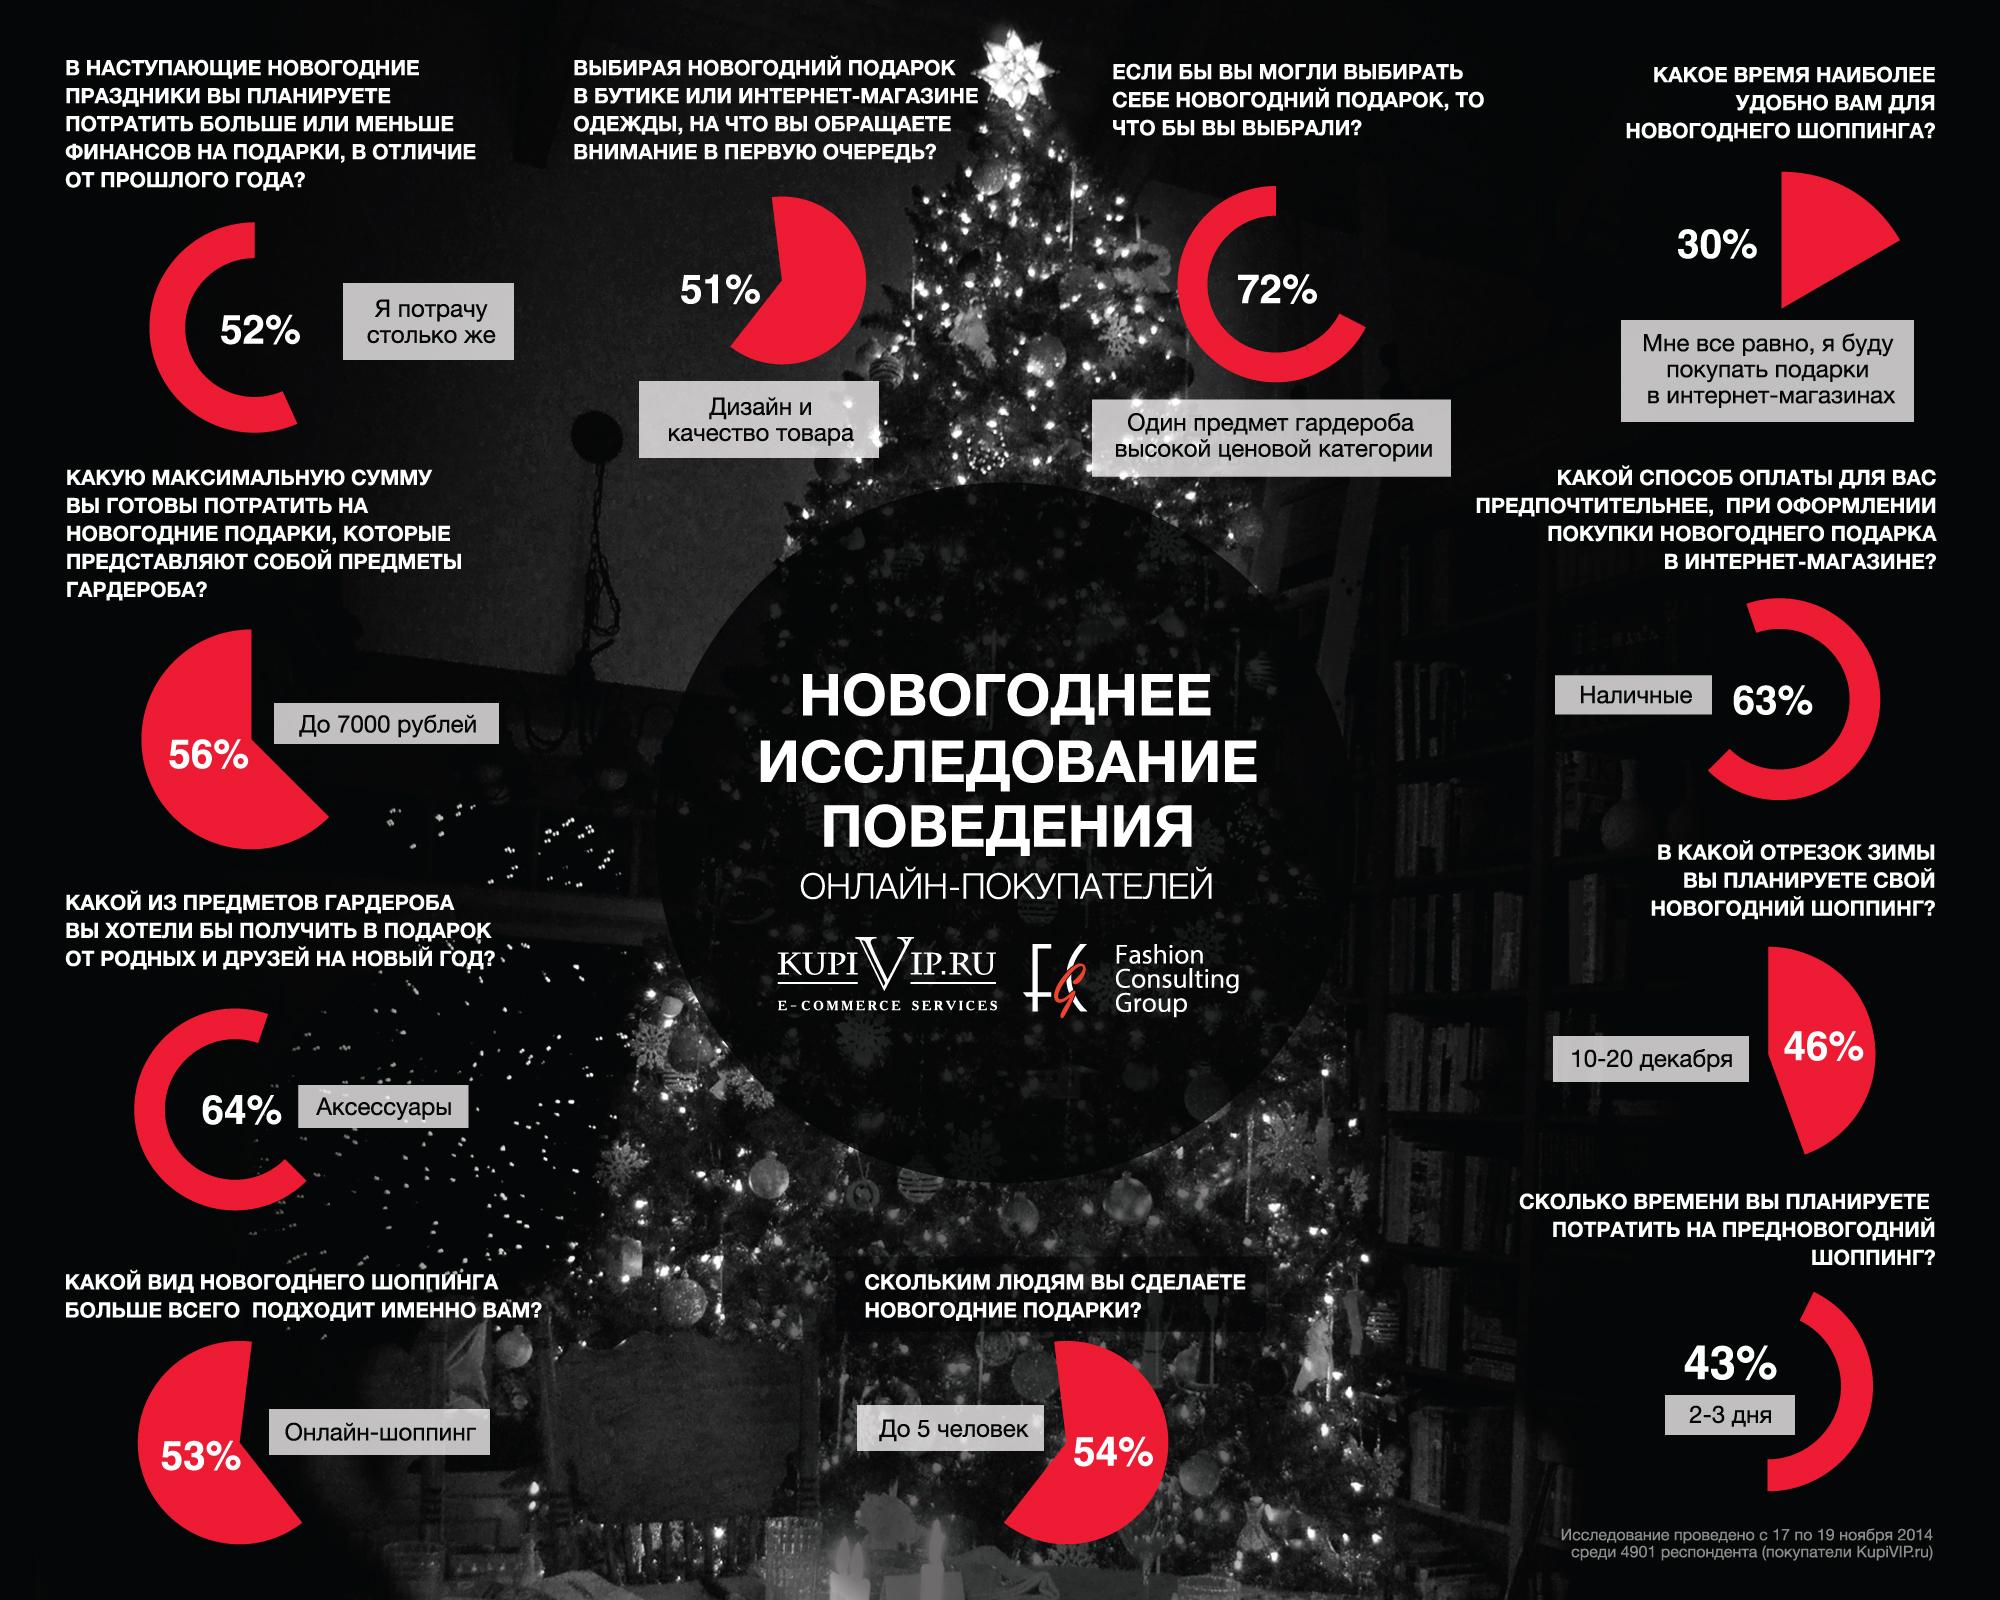 Новогоднее исследование поведения онлайн-покупателей